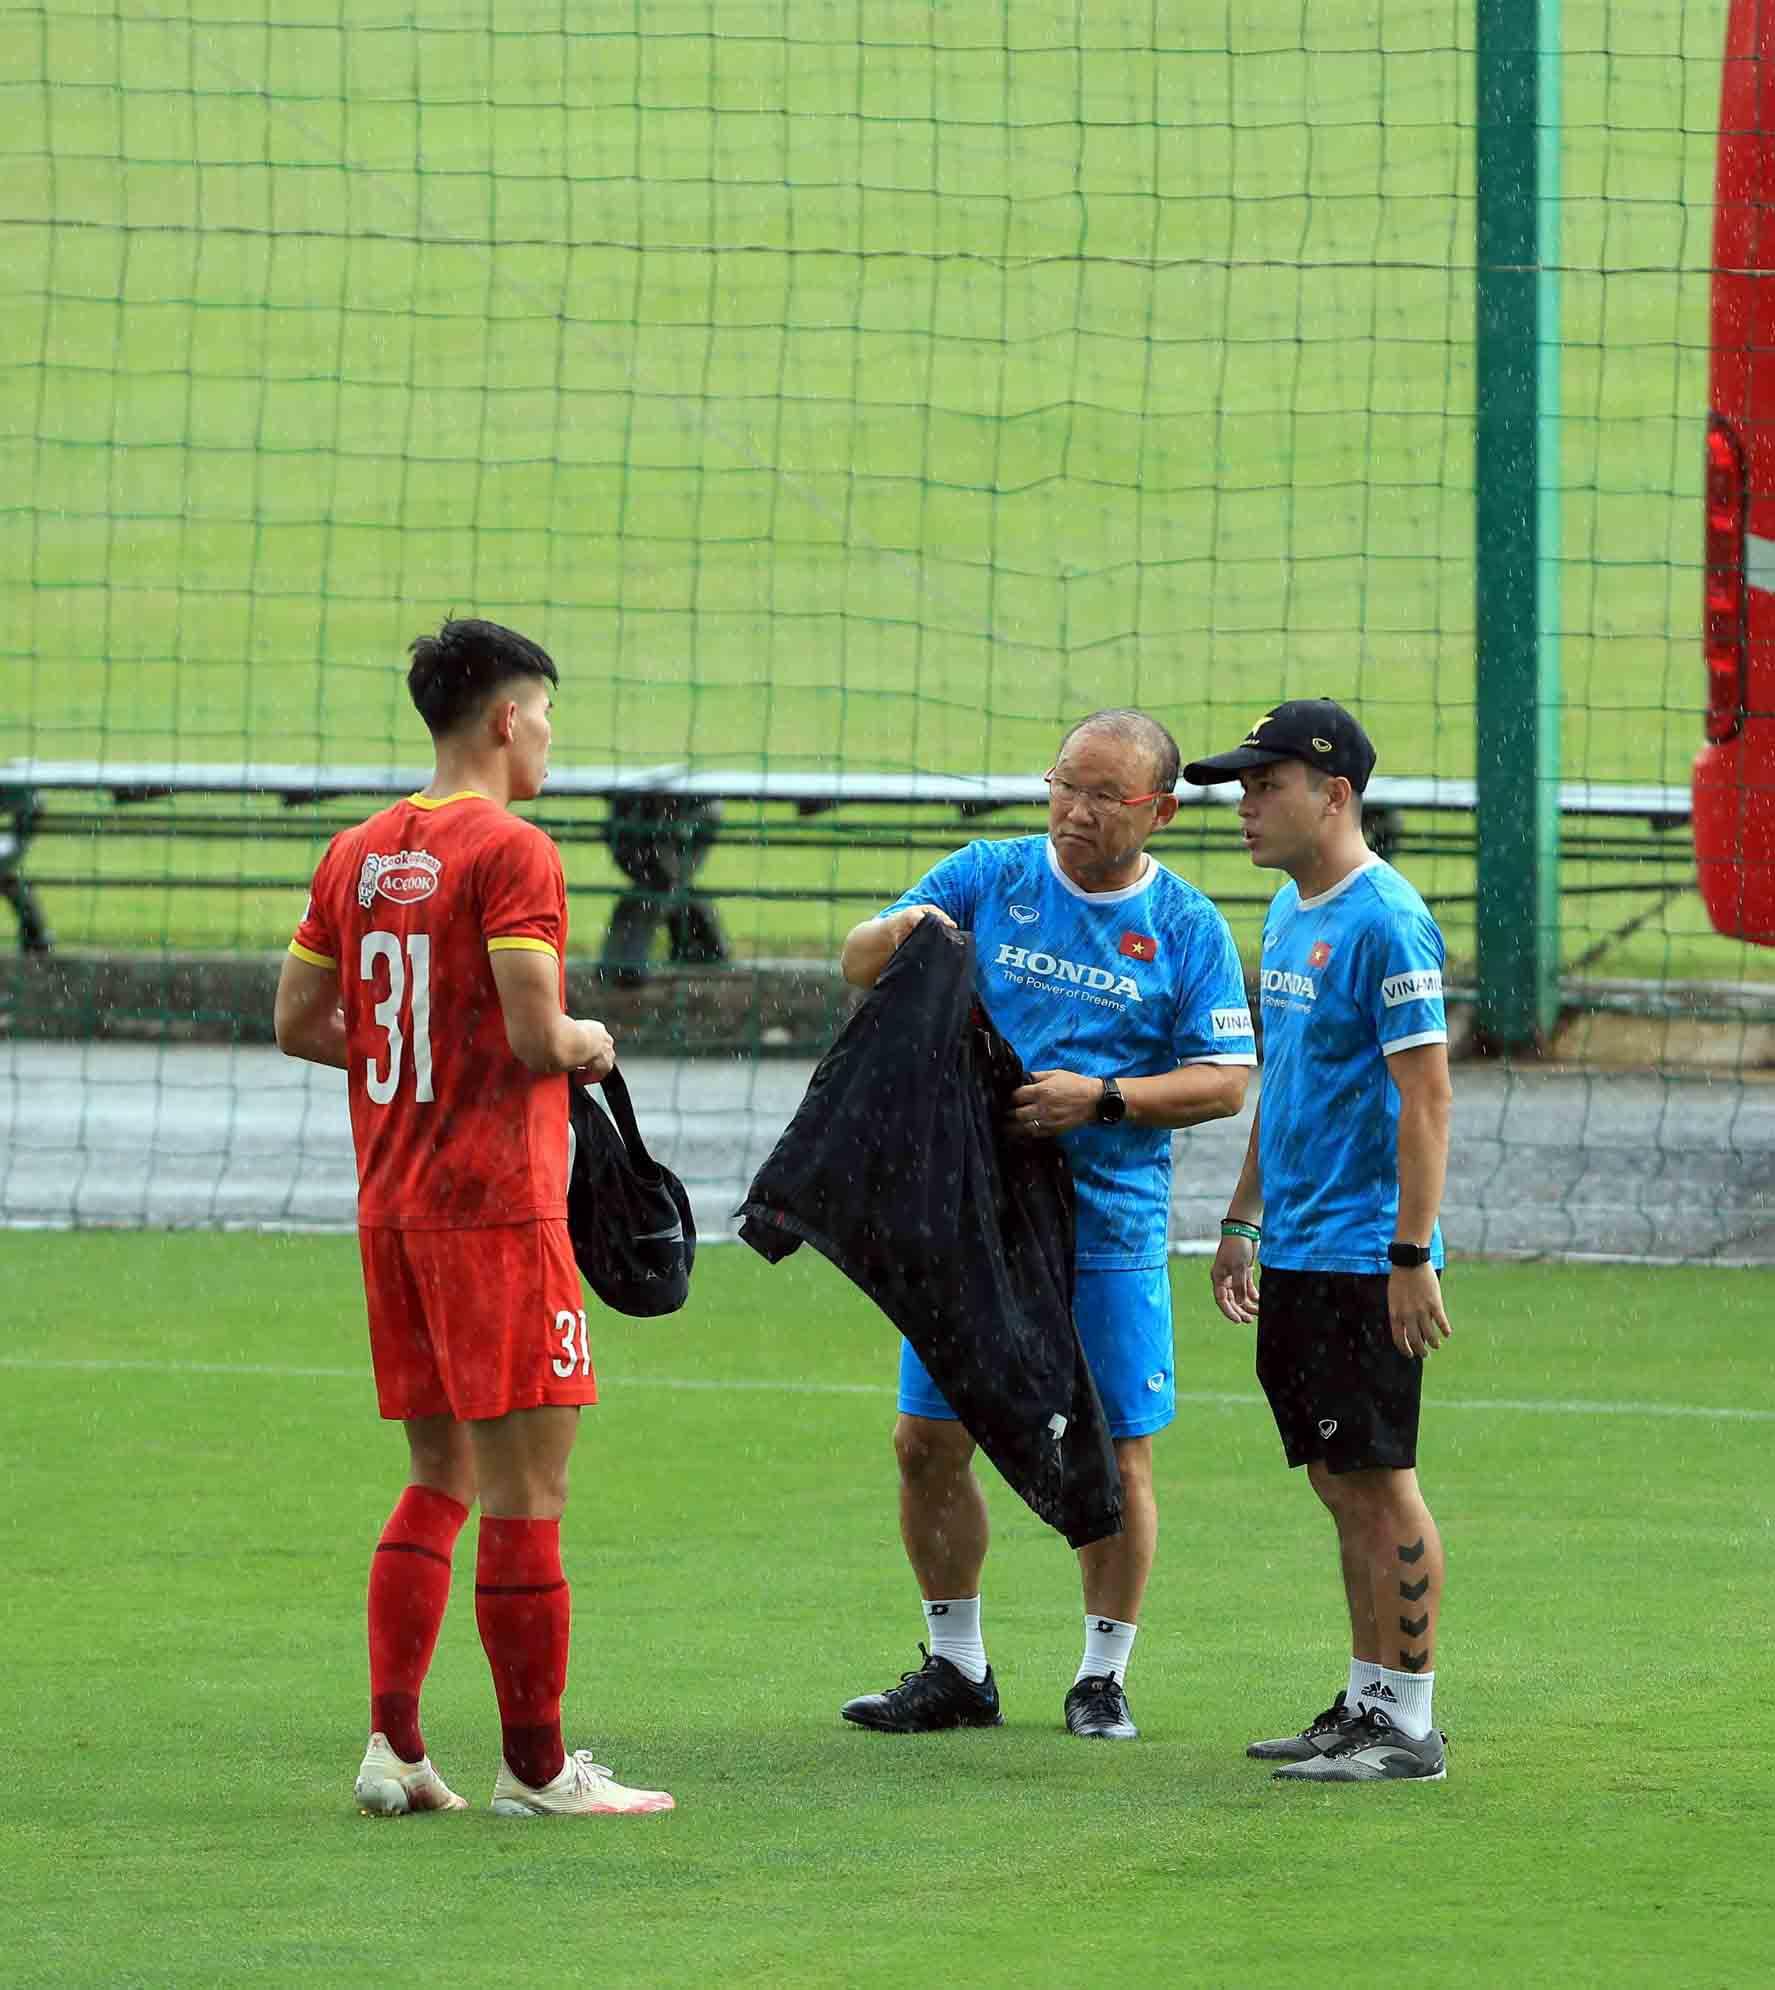 Đội tuyển Việt Nam trở lại tập luyện, hướng tới trận đấu với đội tuyển Trung Quốc và Oman -0